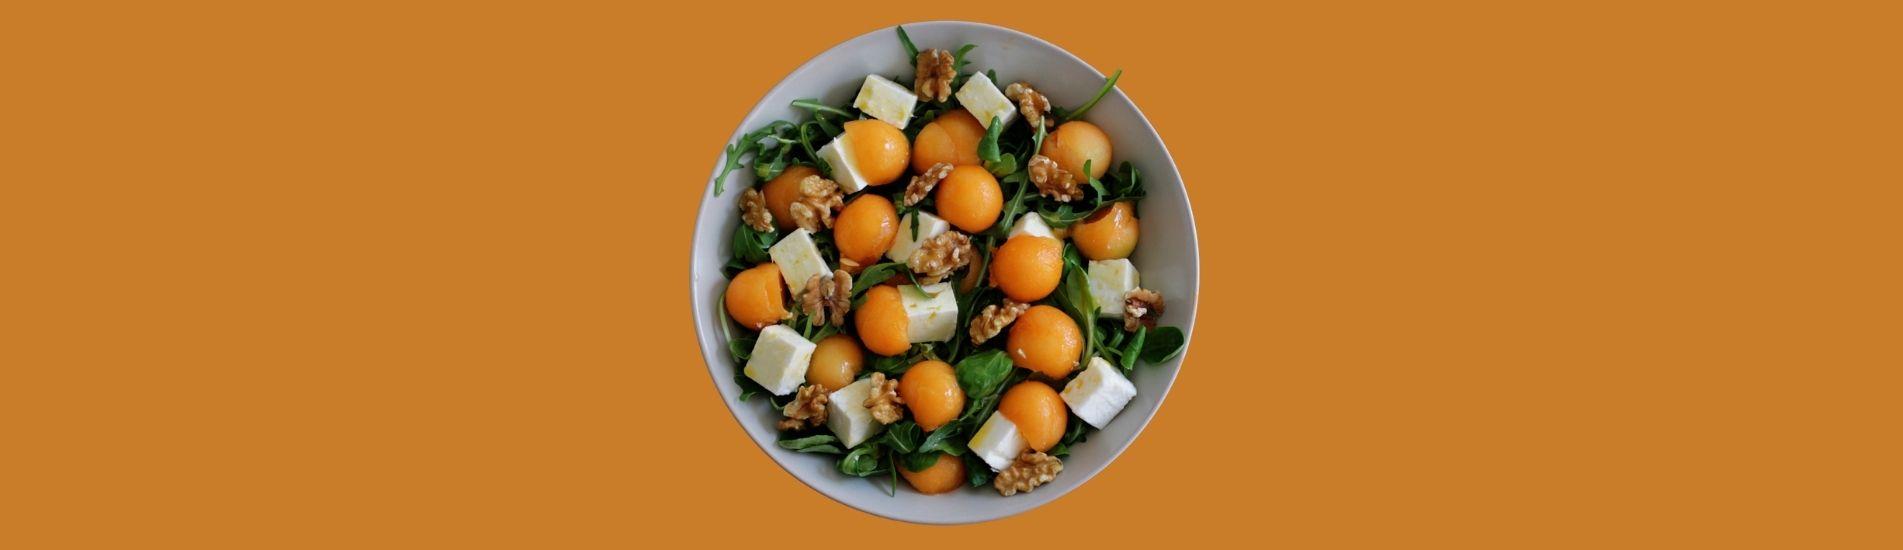 Ensalada mediterránea de melón Charentais